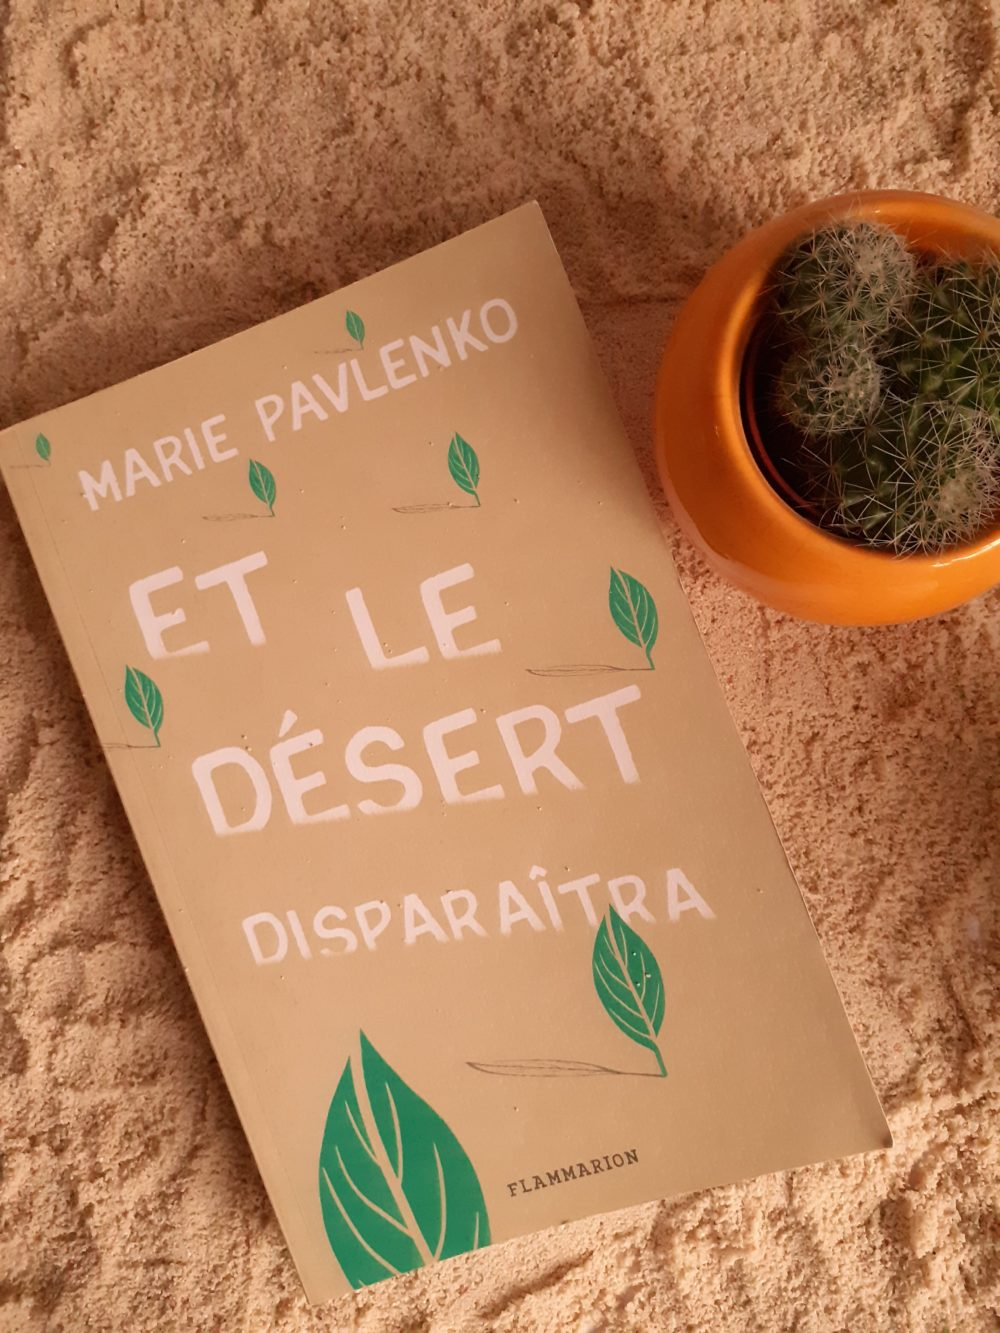 ET LE DÉSERT DISPARAÎTRA, Marie Pavlenko, éditions Flammarion